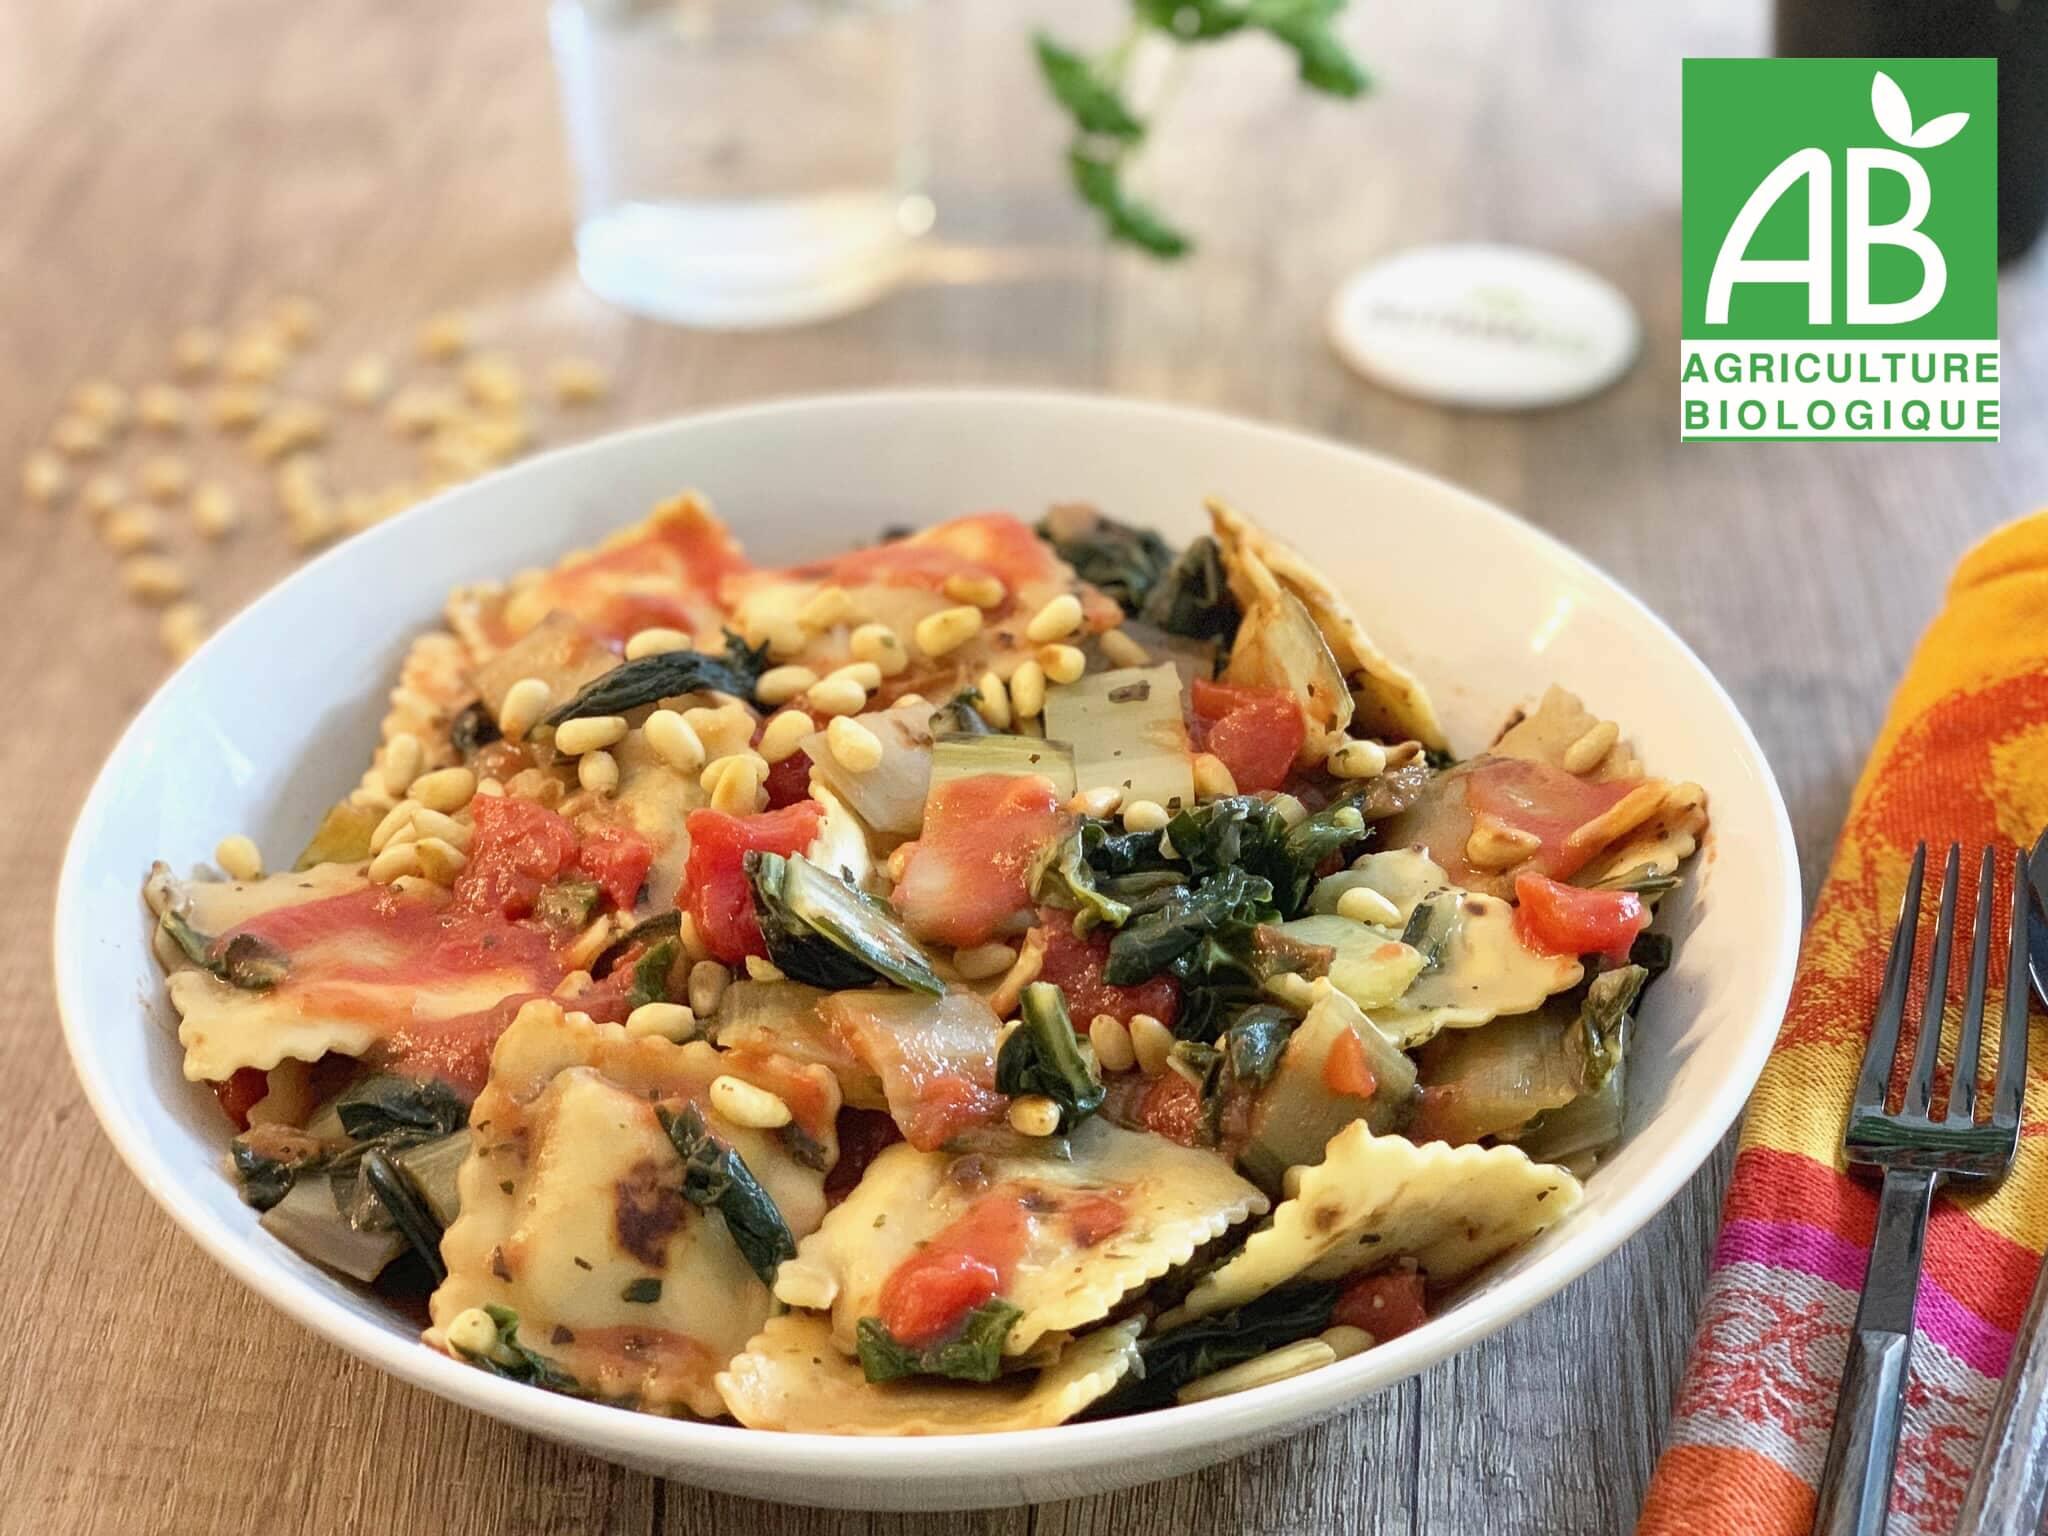 Recette 5 - Poêlée de raviolis aux blettes et pignon